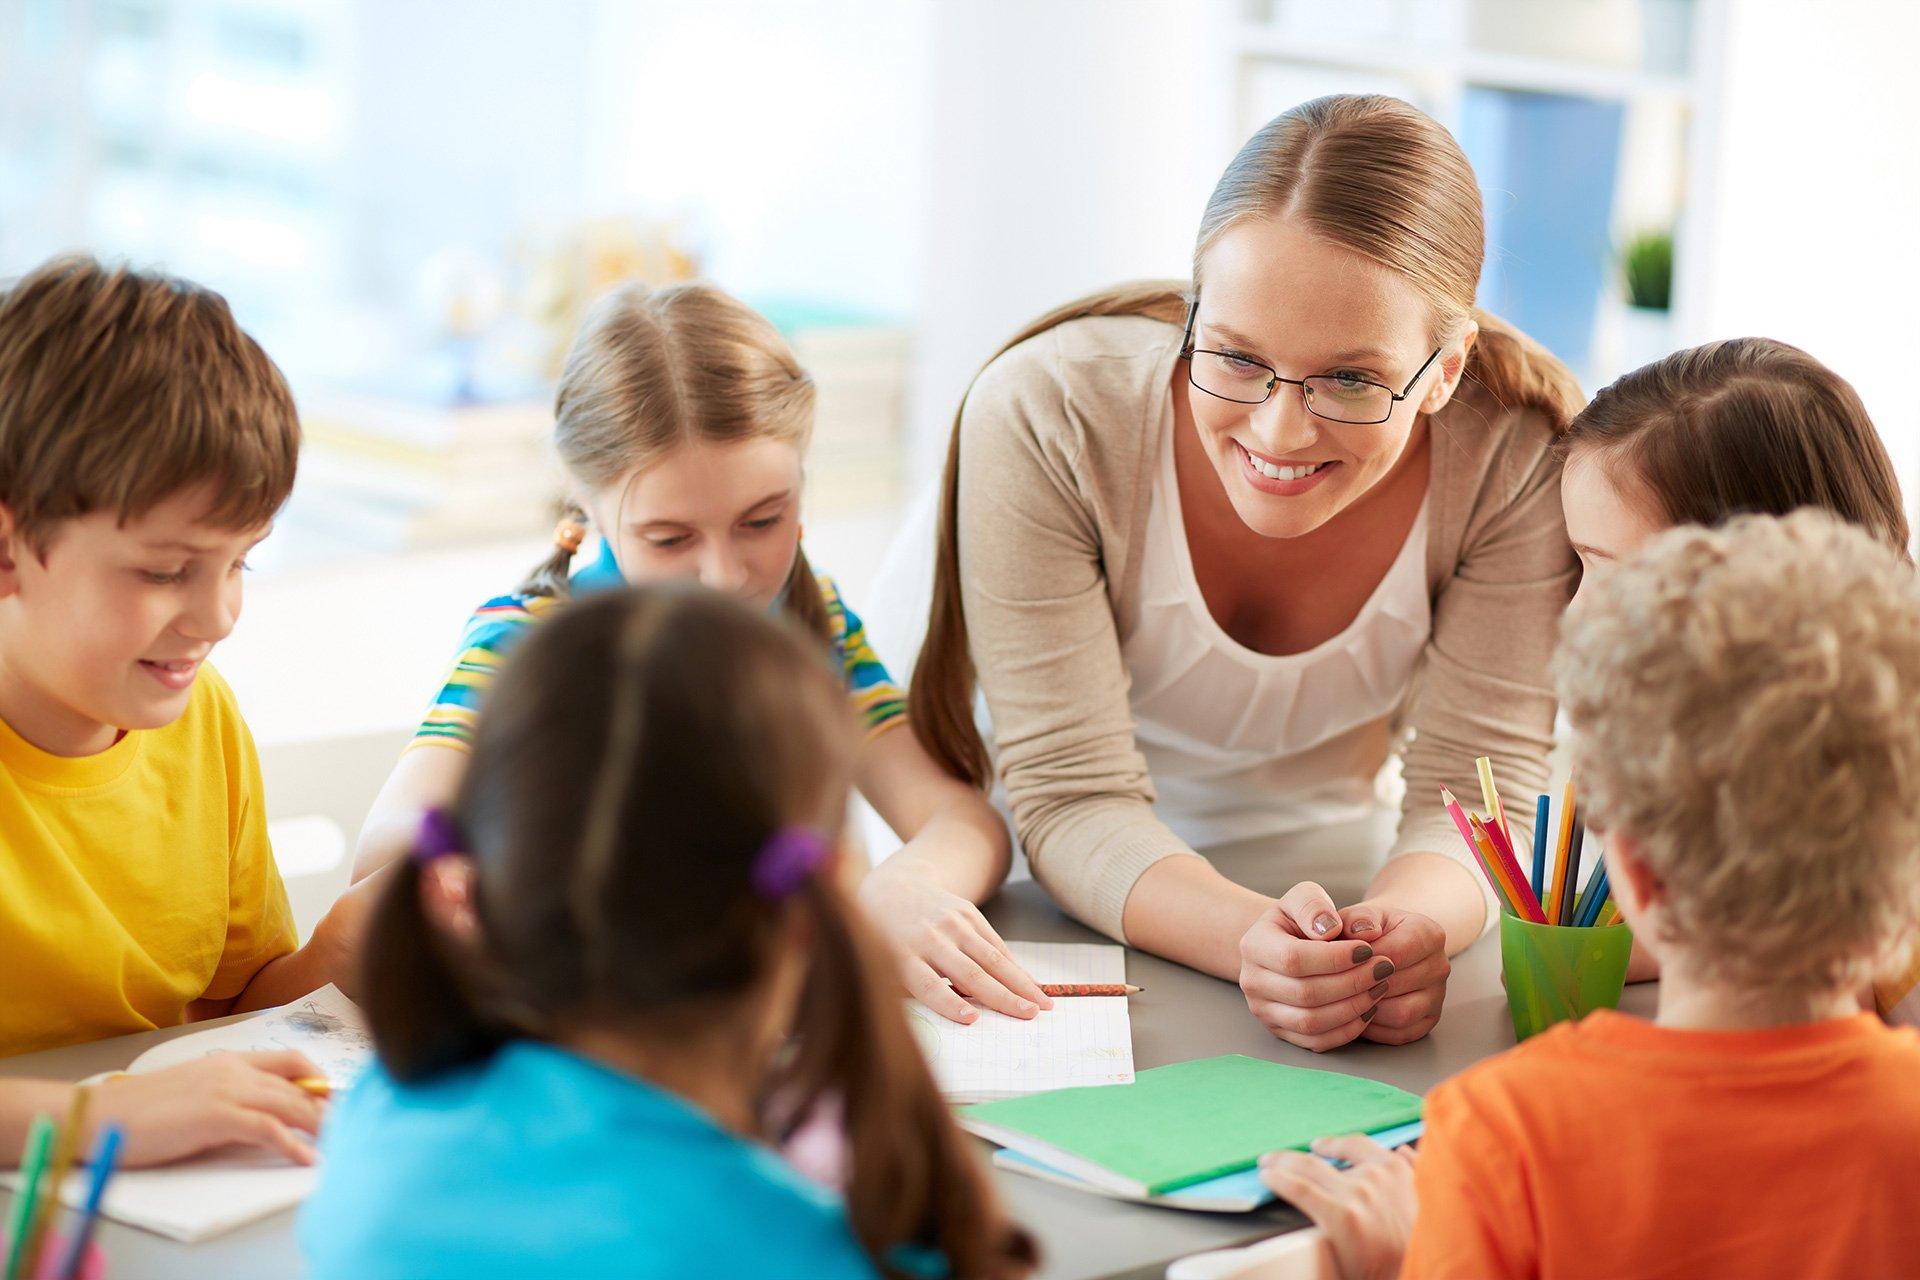 Что выбрать для изучения английского – курсы или школу